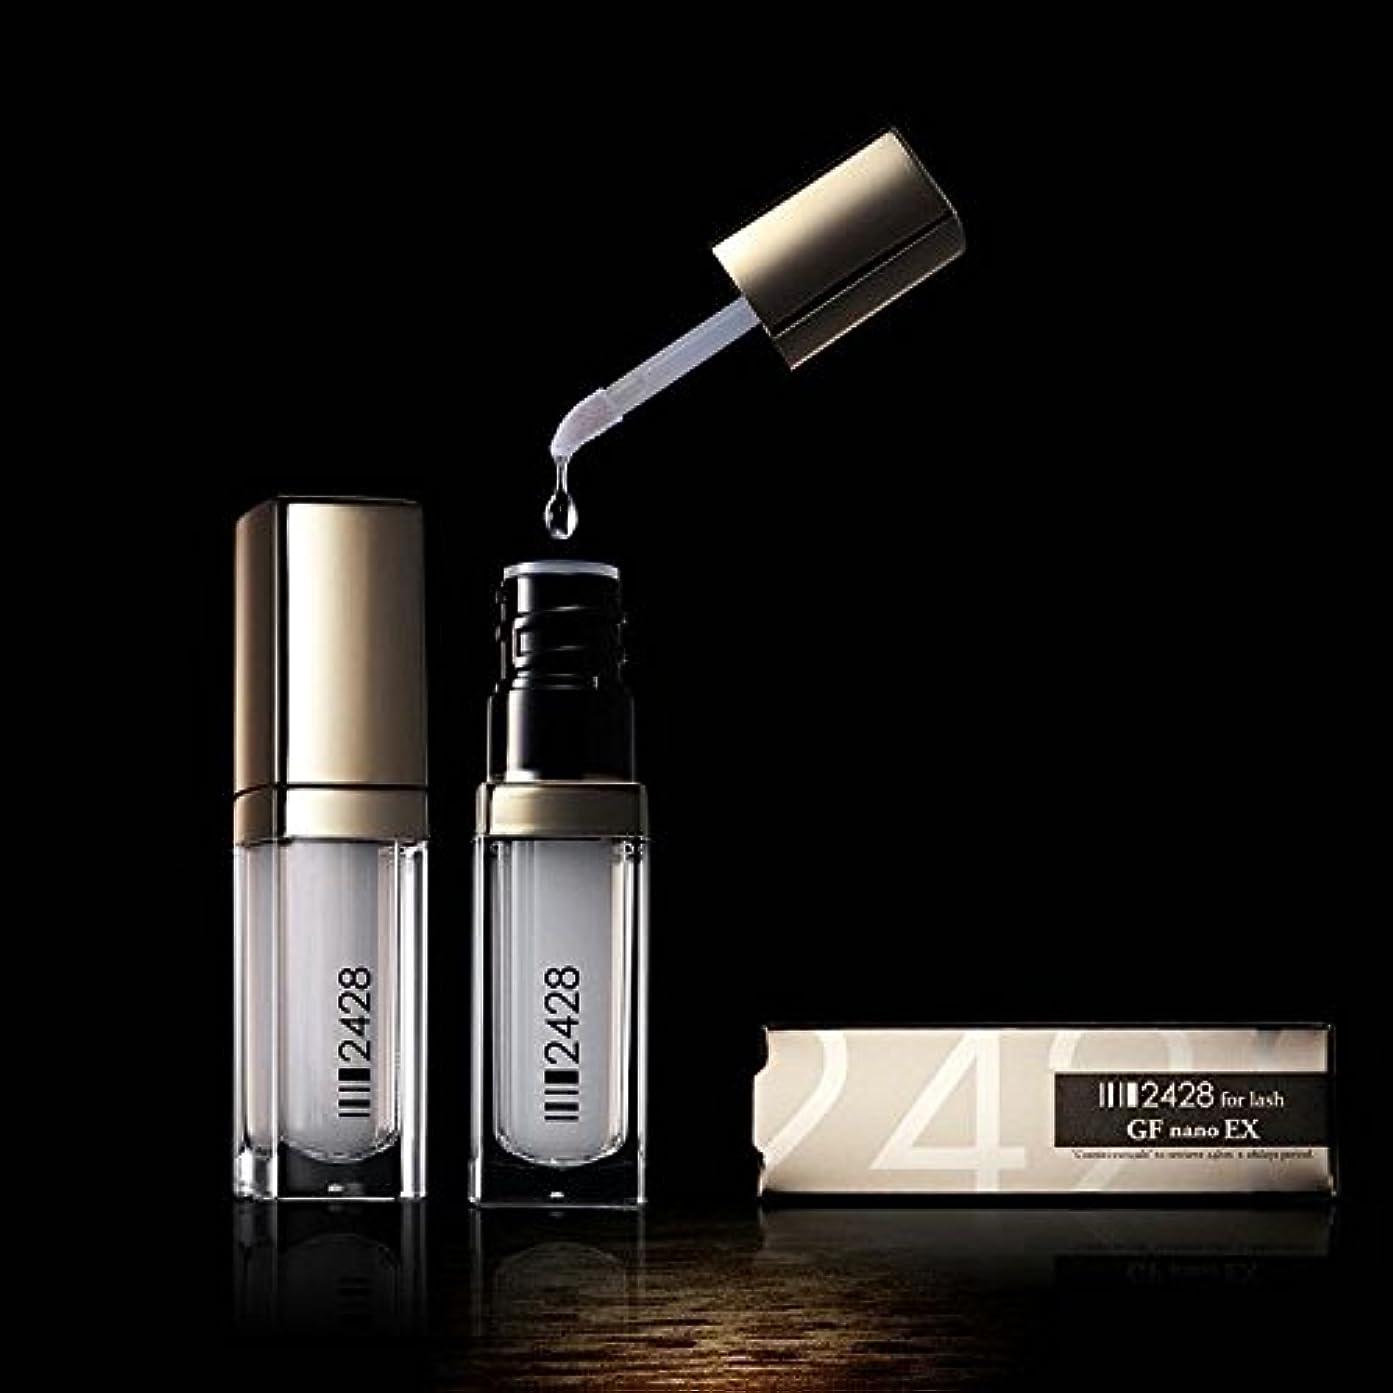 機械ブラインド破壊的な美容液2428 for lash GF nano EX まつげ美容液